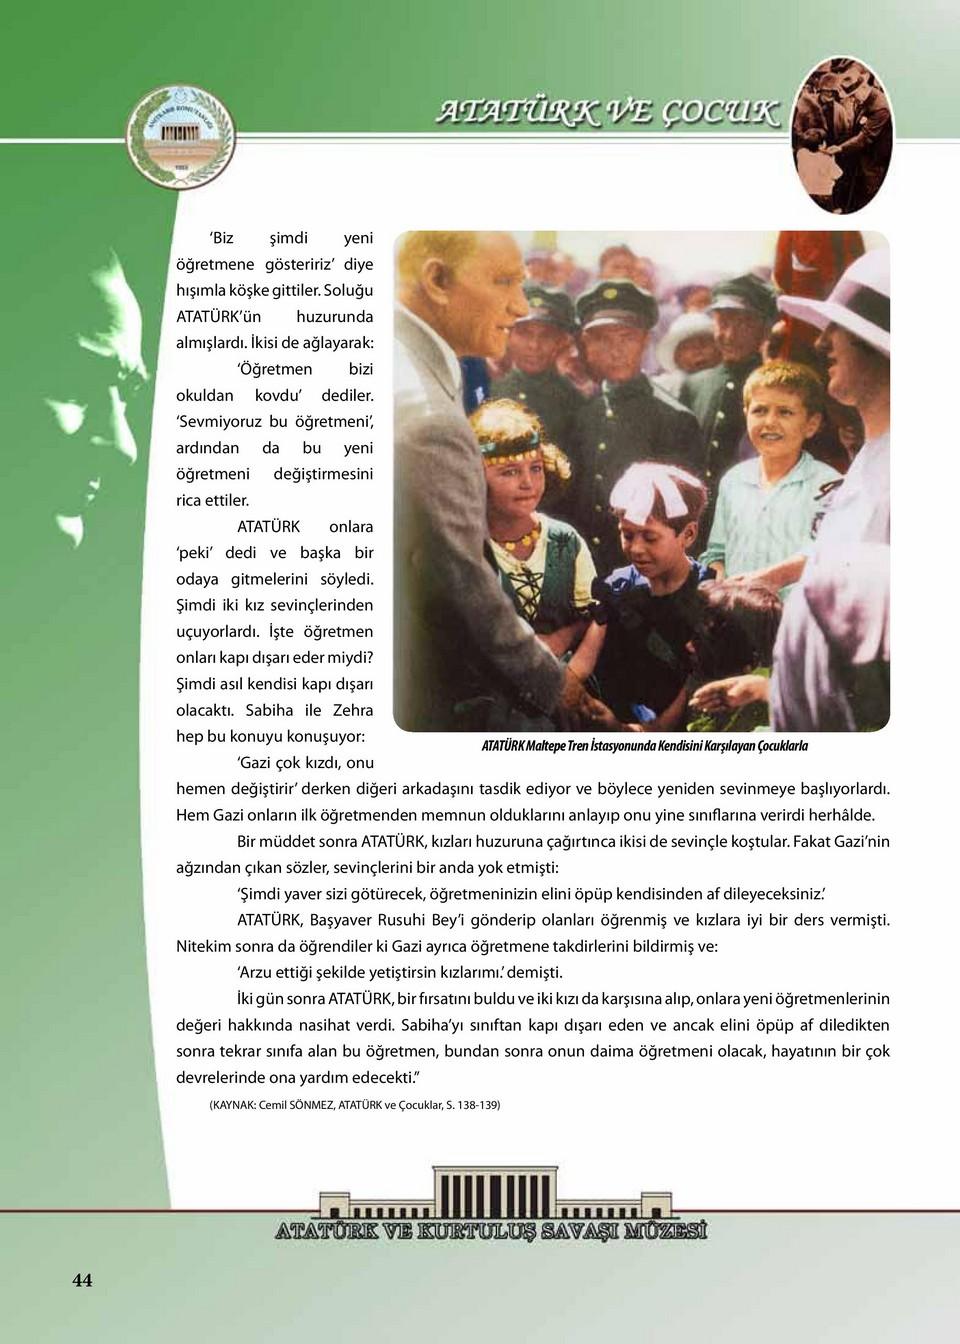 ataturkvecocuk-page-046